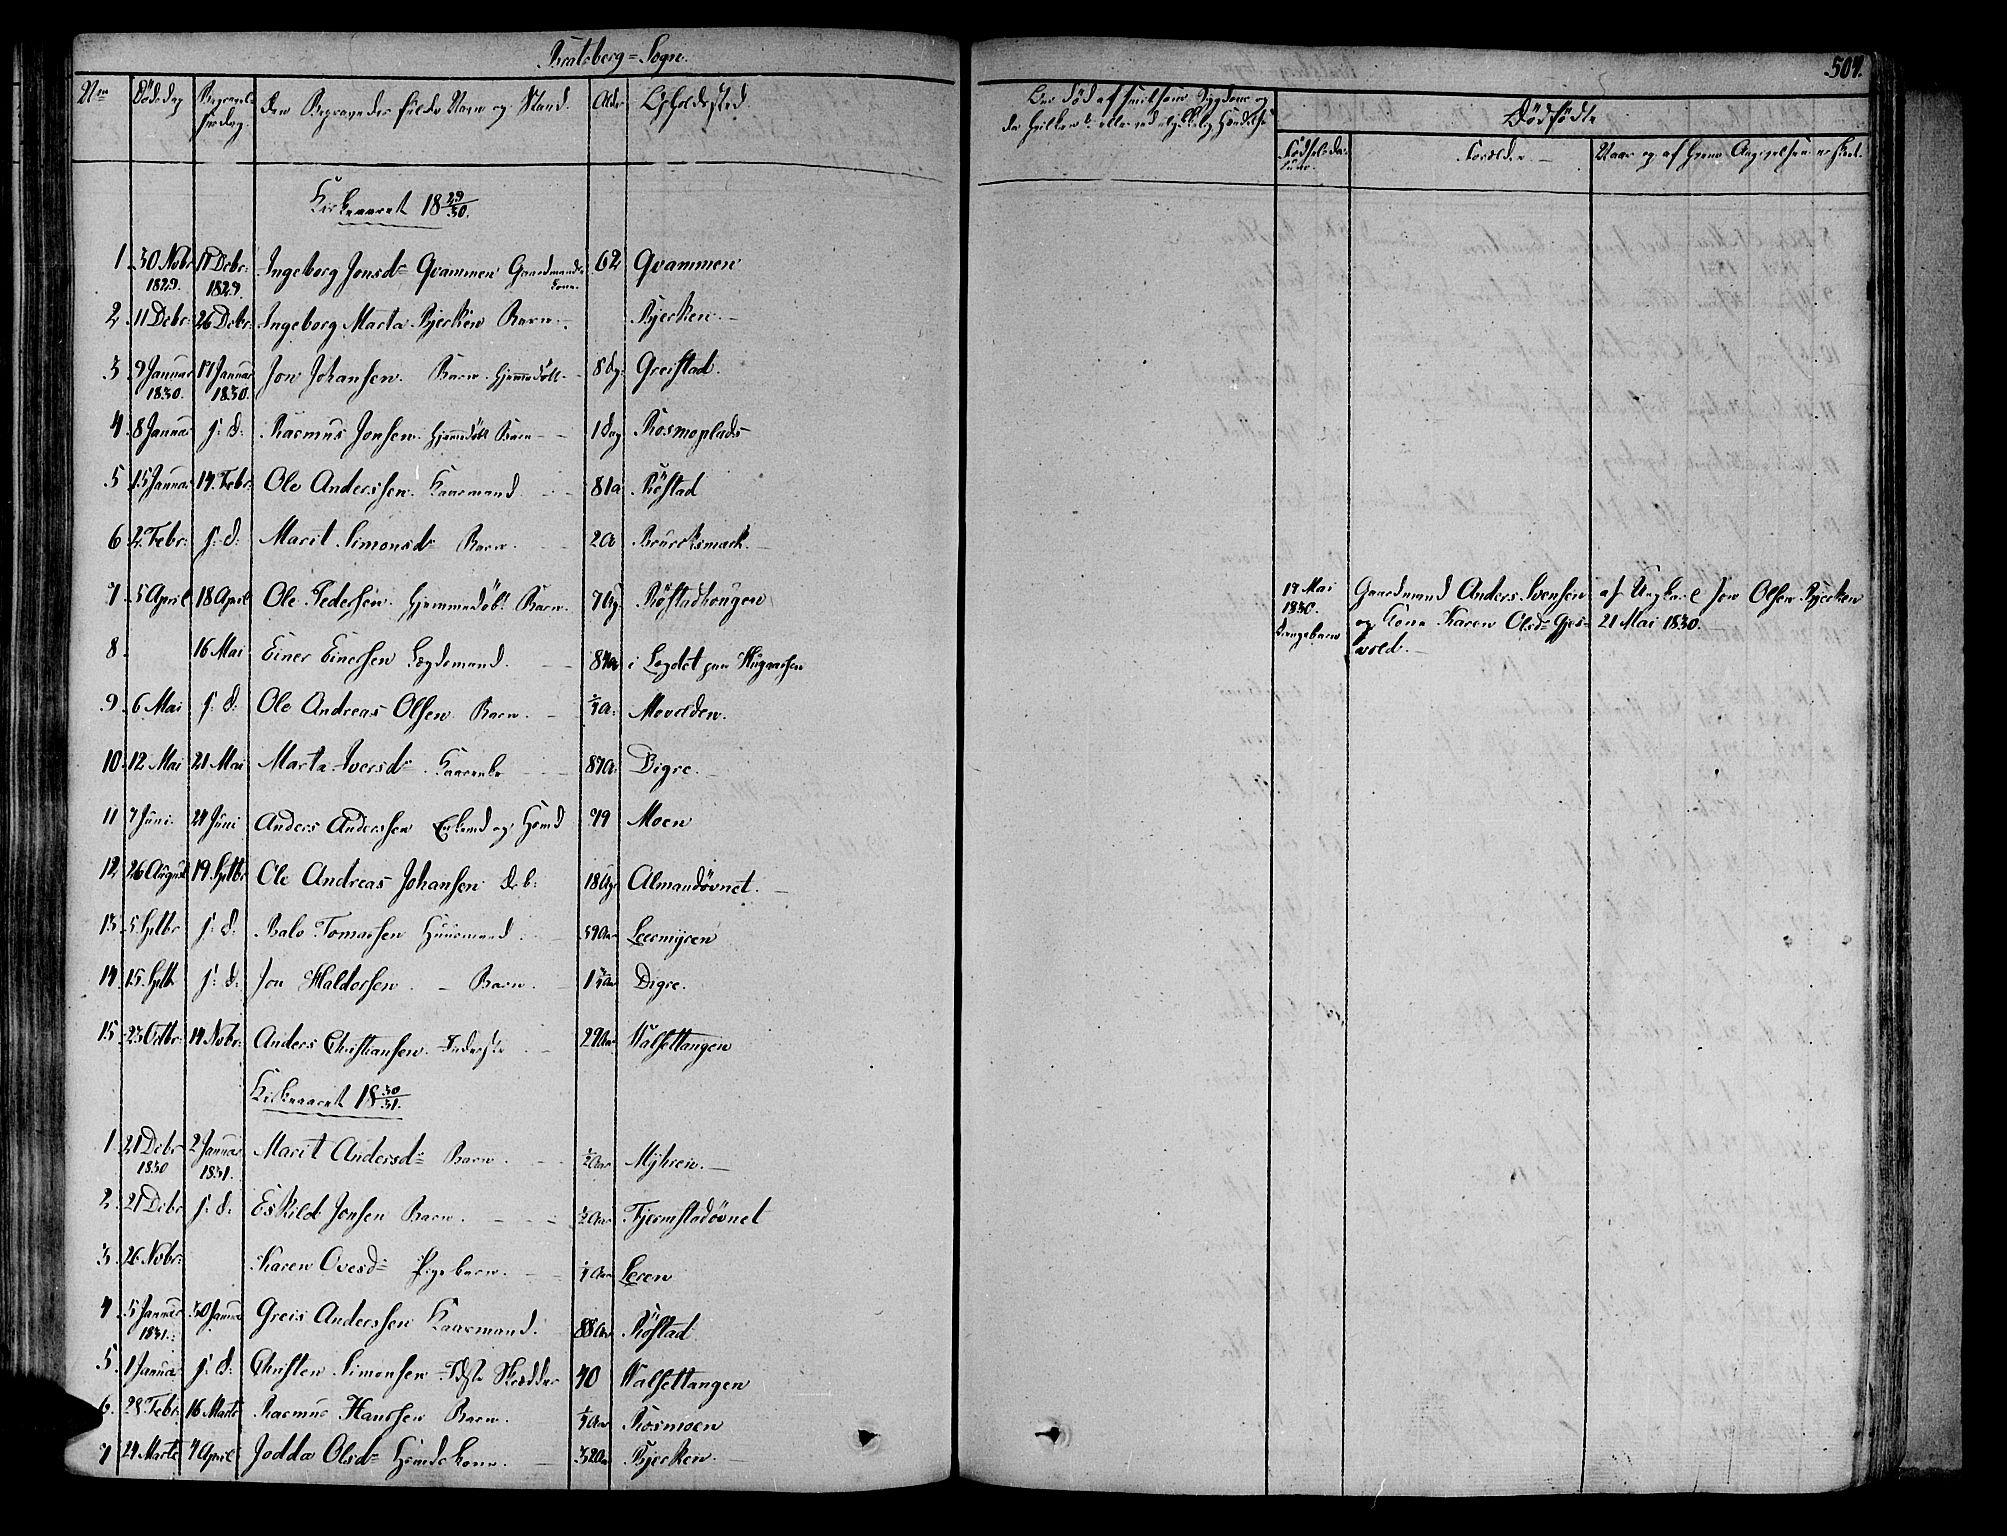 SAT, Ministerialprotokoller, klokkerbøker og fødselsregistre - Sør-Trøndelag, 606/L0289: Ministerialbok nr. 606A04 /4, 1826-1840, s. 504